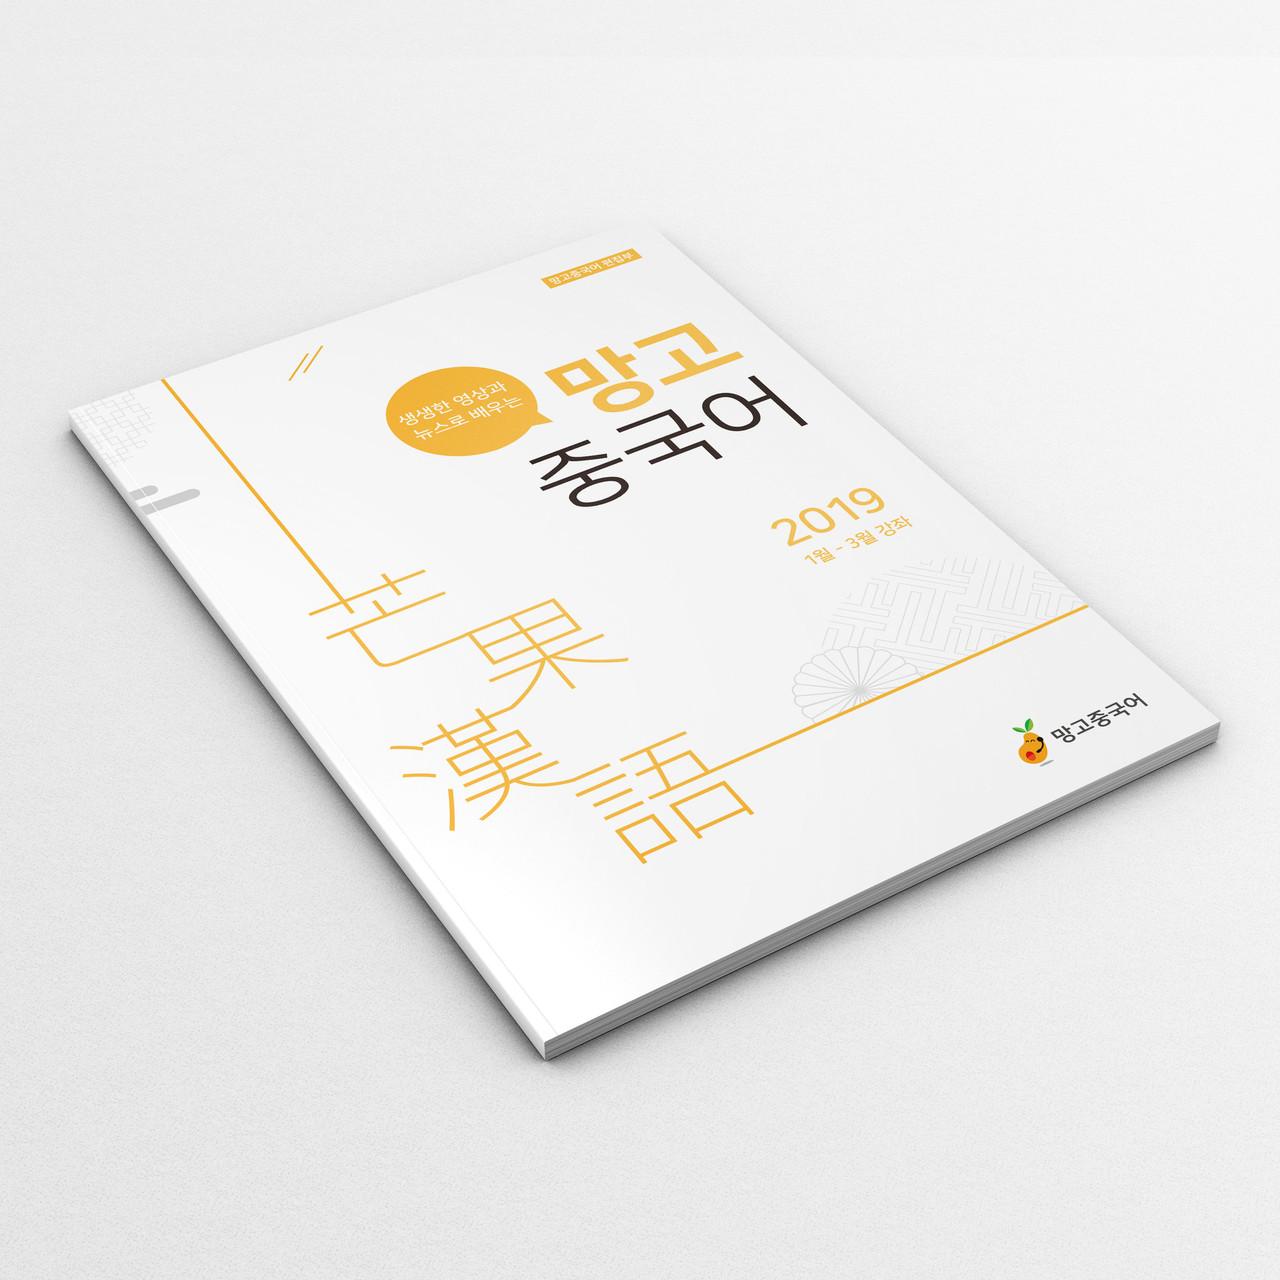 망고 중국어 학원 교육 교재 디자인 시안 - 망고중국어